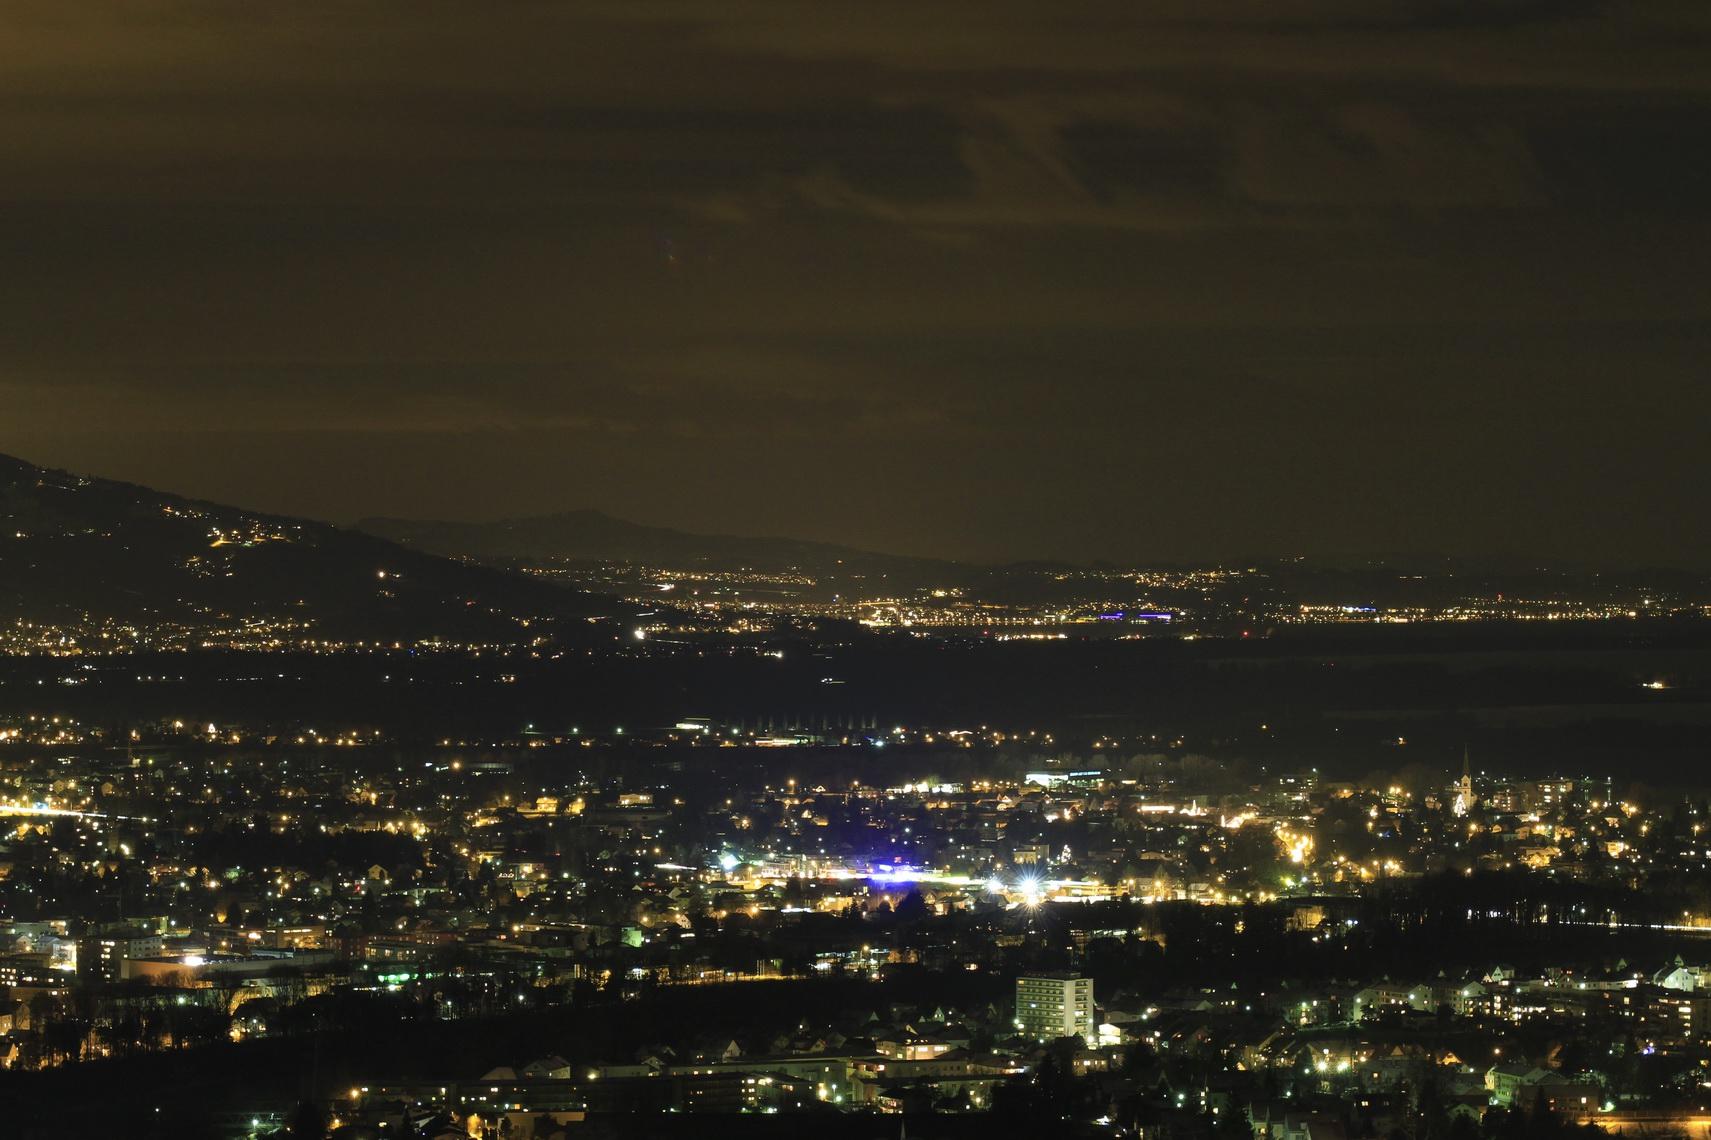 Lichtspiele-006.jpg